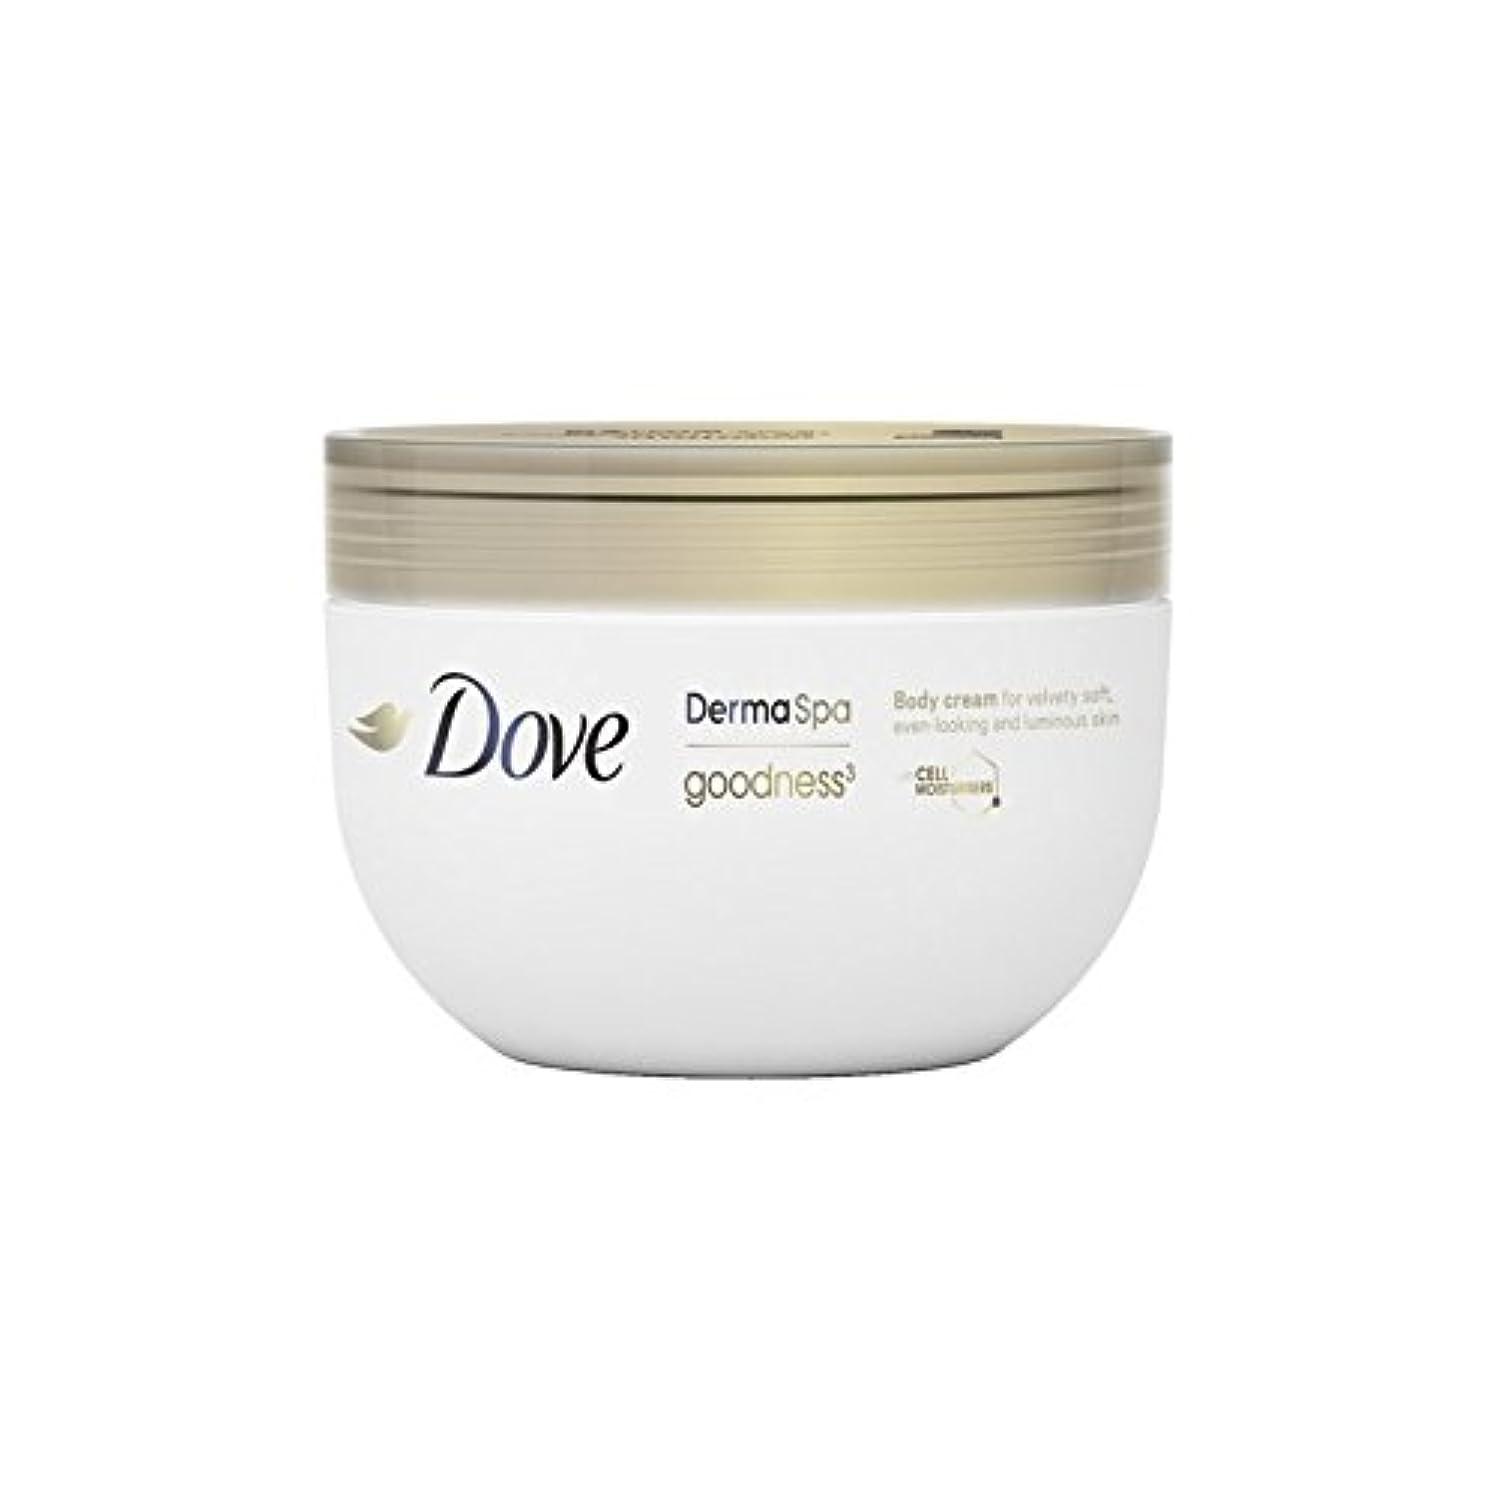 スロープカテゴリー爆発物Dove DermaSpa Goodness3 Body Cream (300ml) - 鳩の3ボディクリーム(300ミリリットル) [並行輸入品]